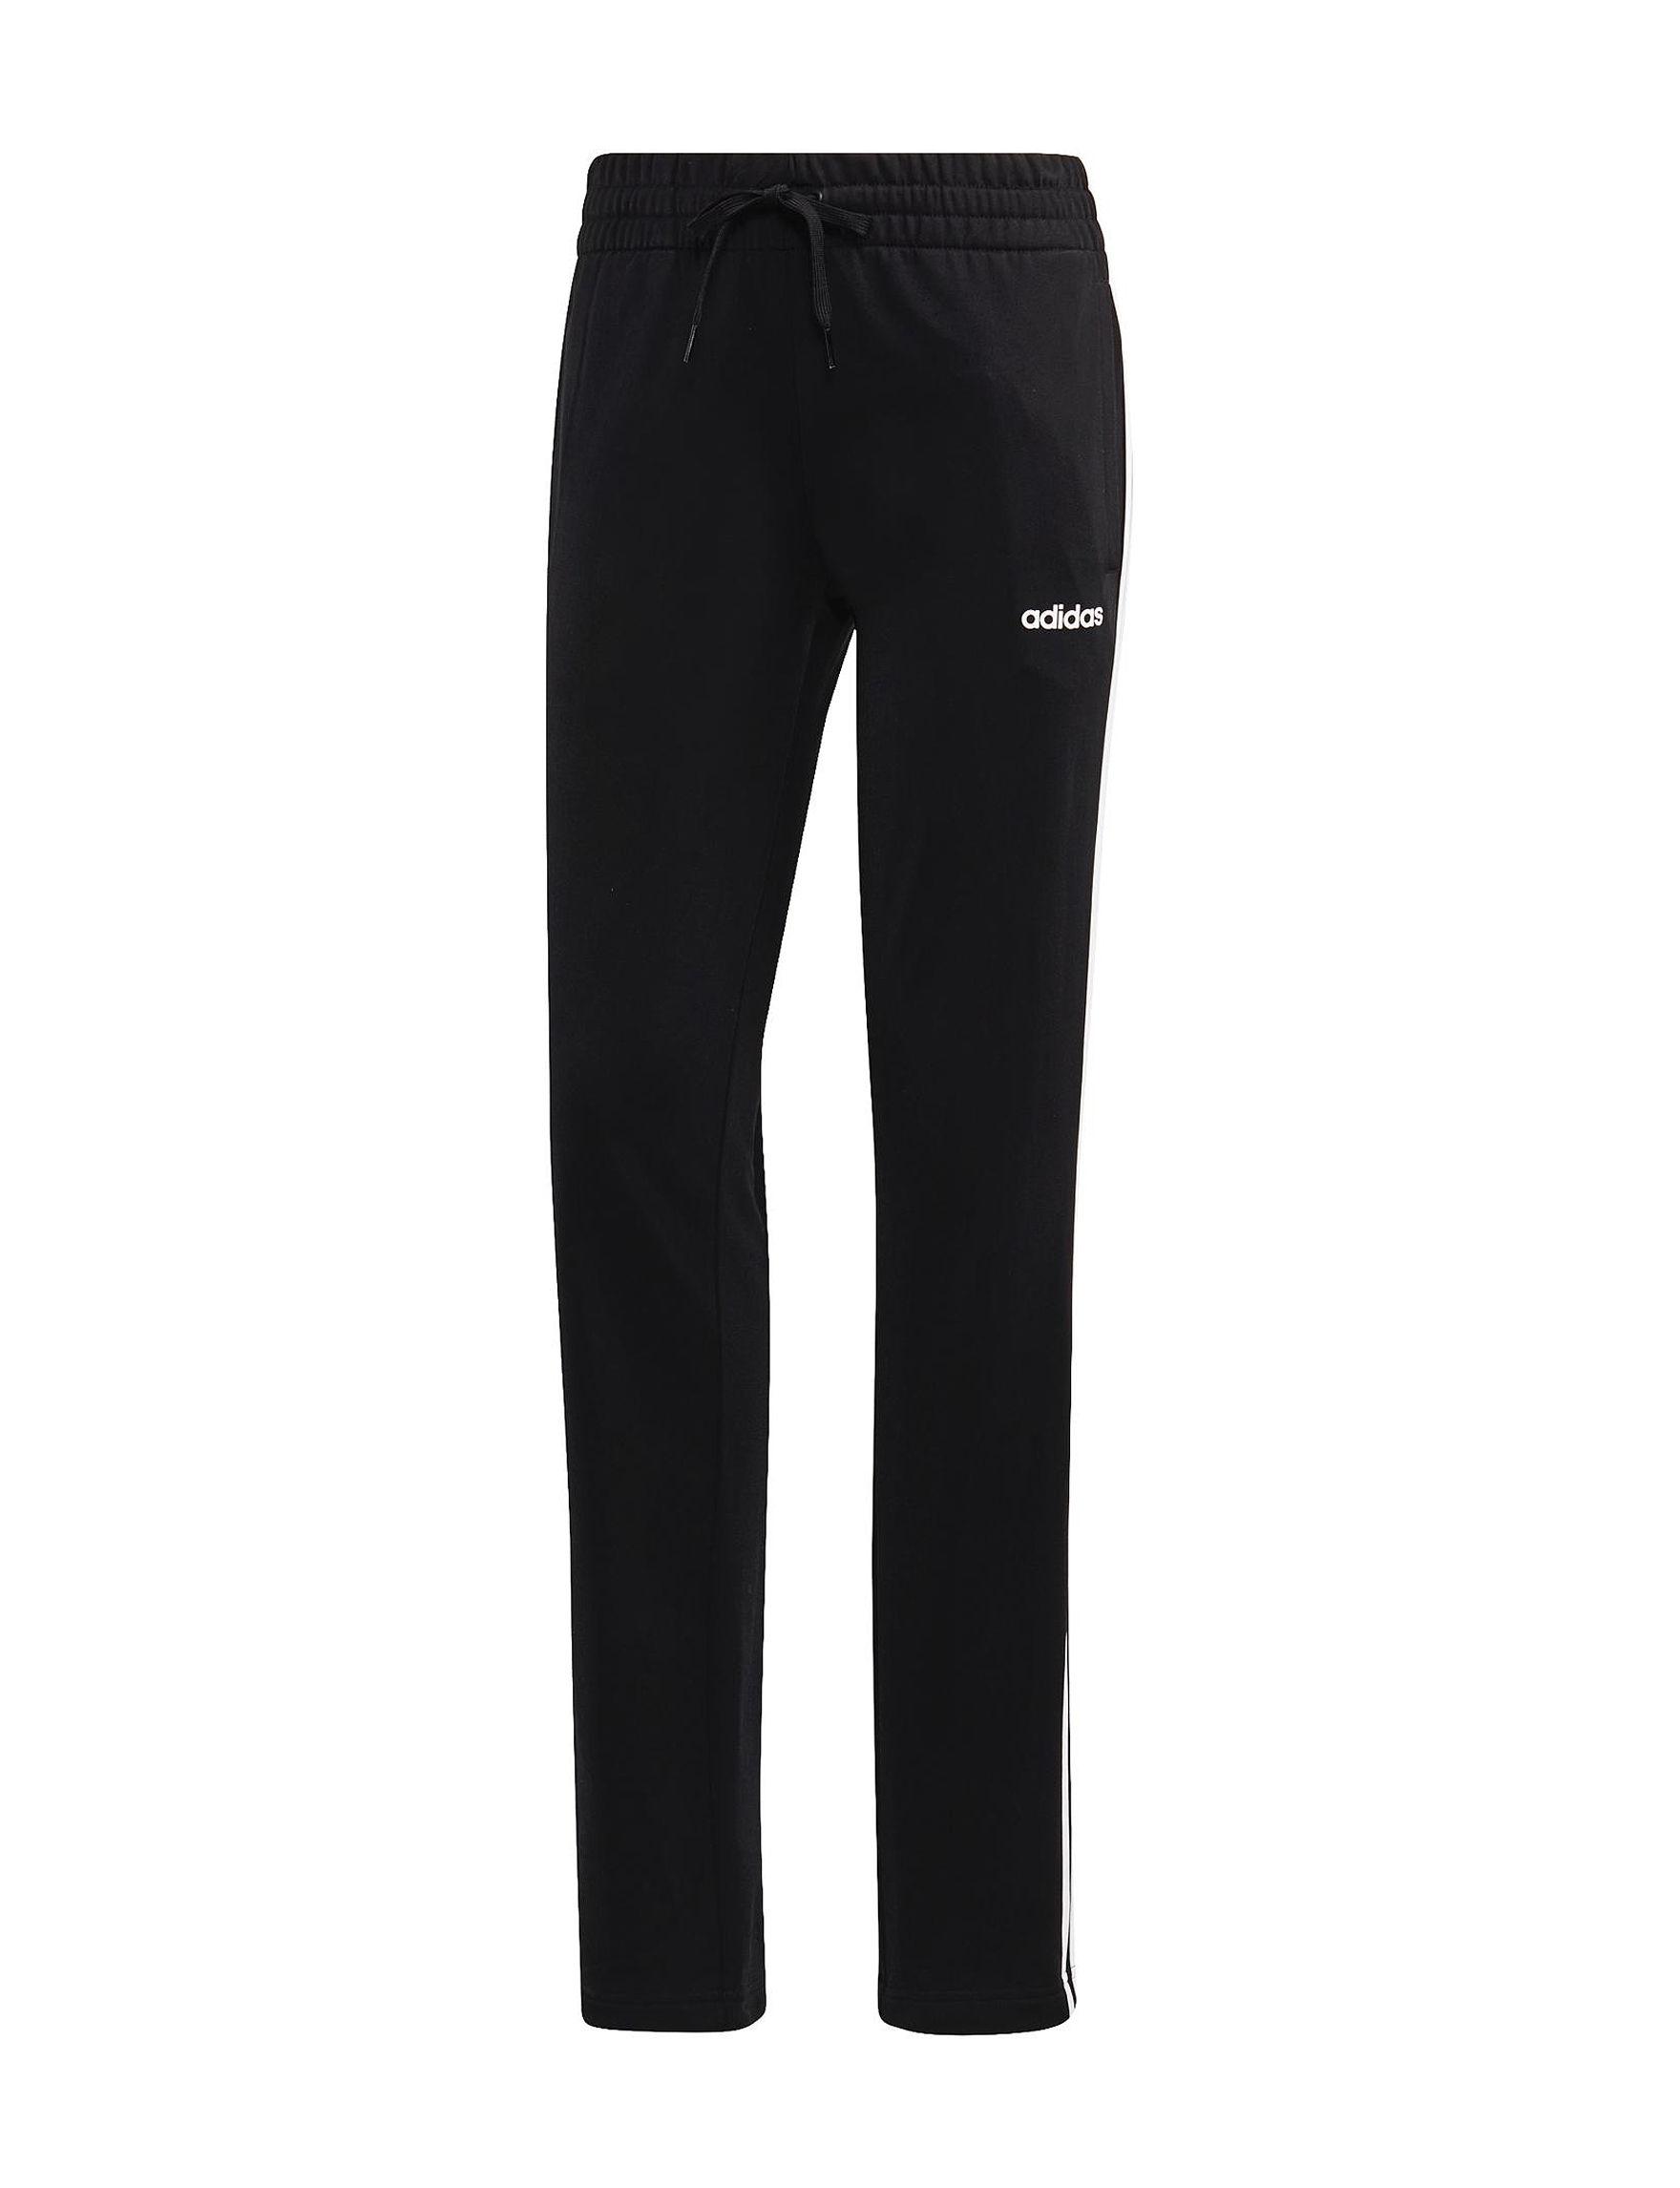 Adidas Black / White